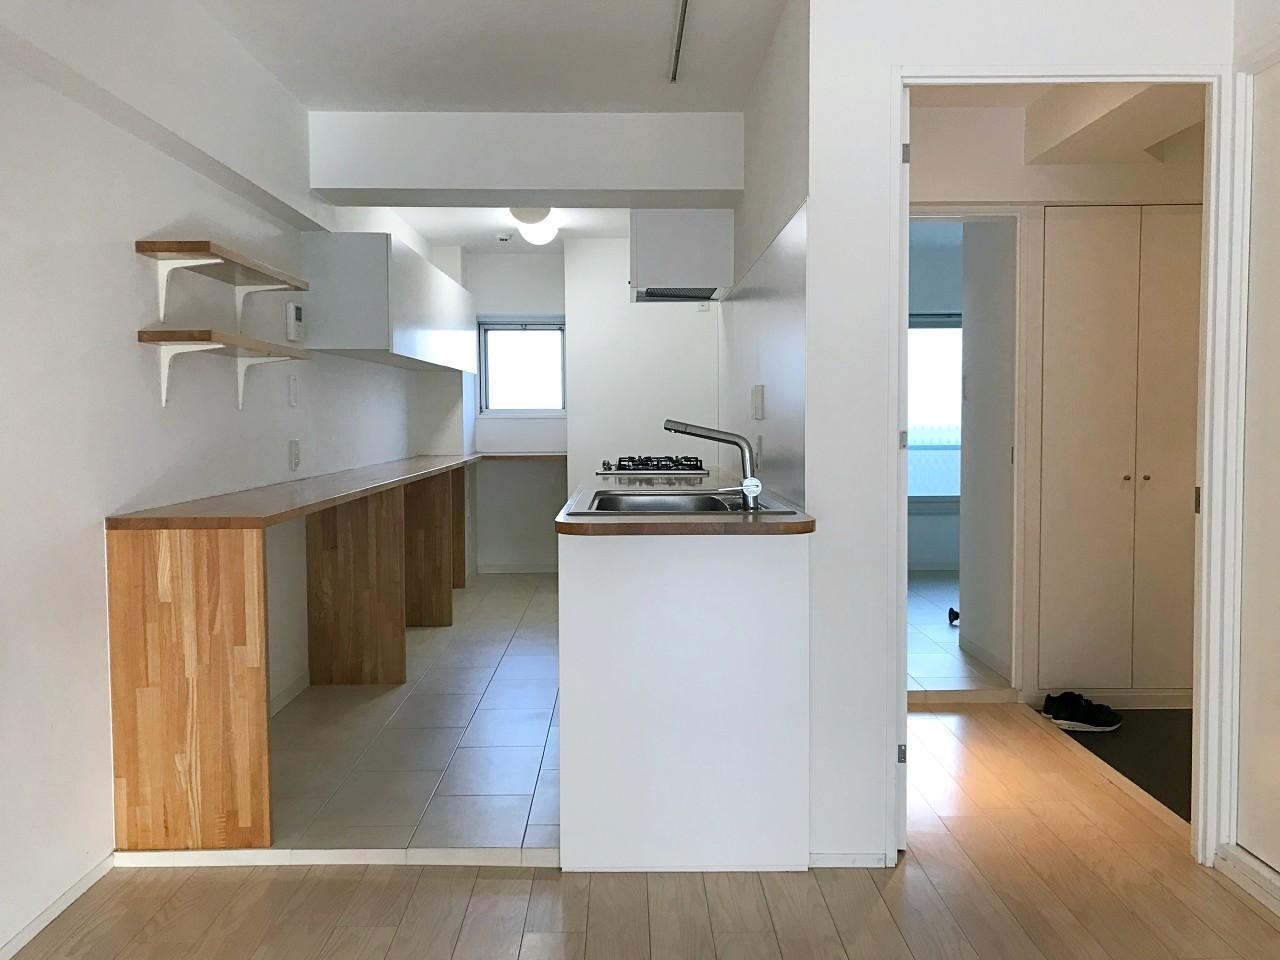 天板と造作カウンターの木目がアクセントのキッチン